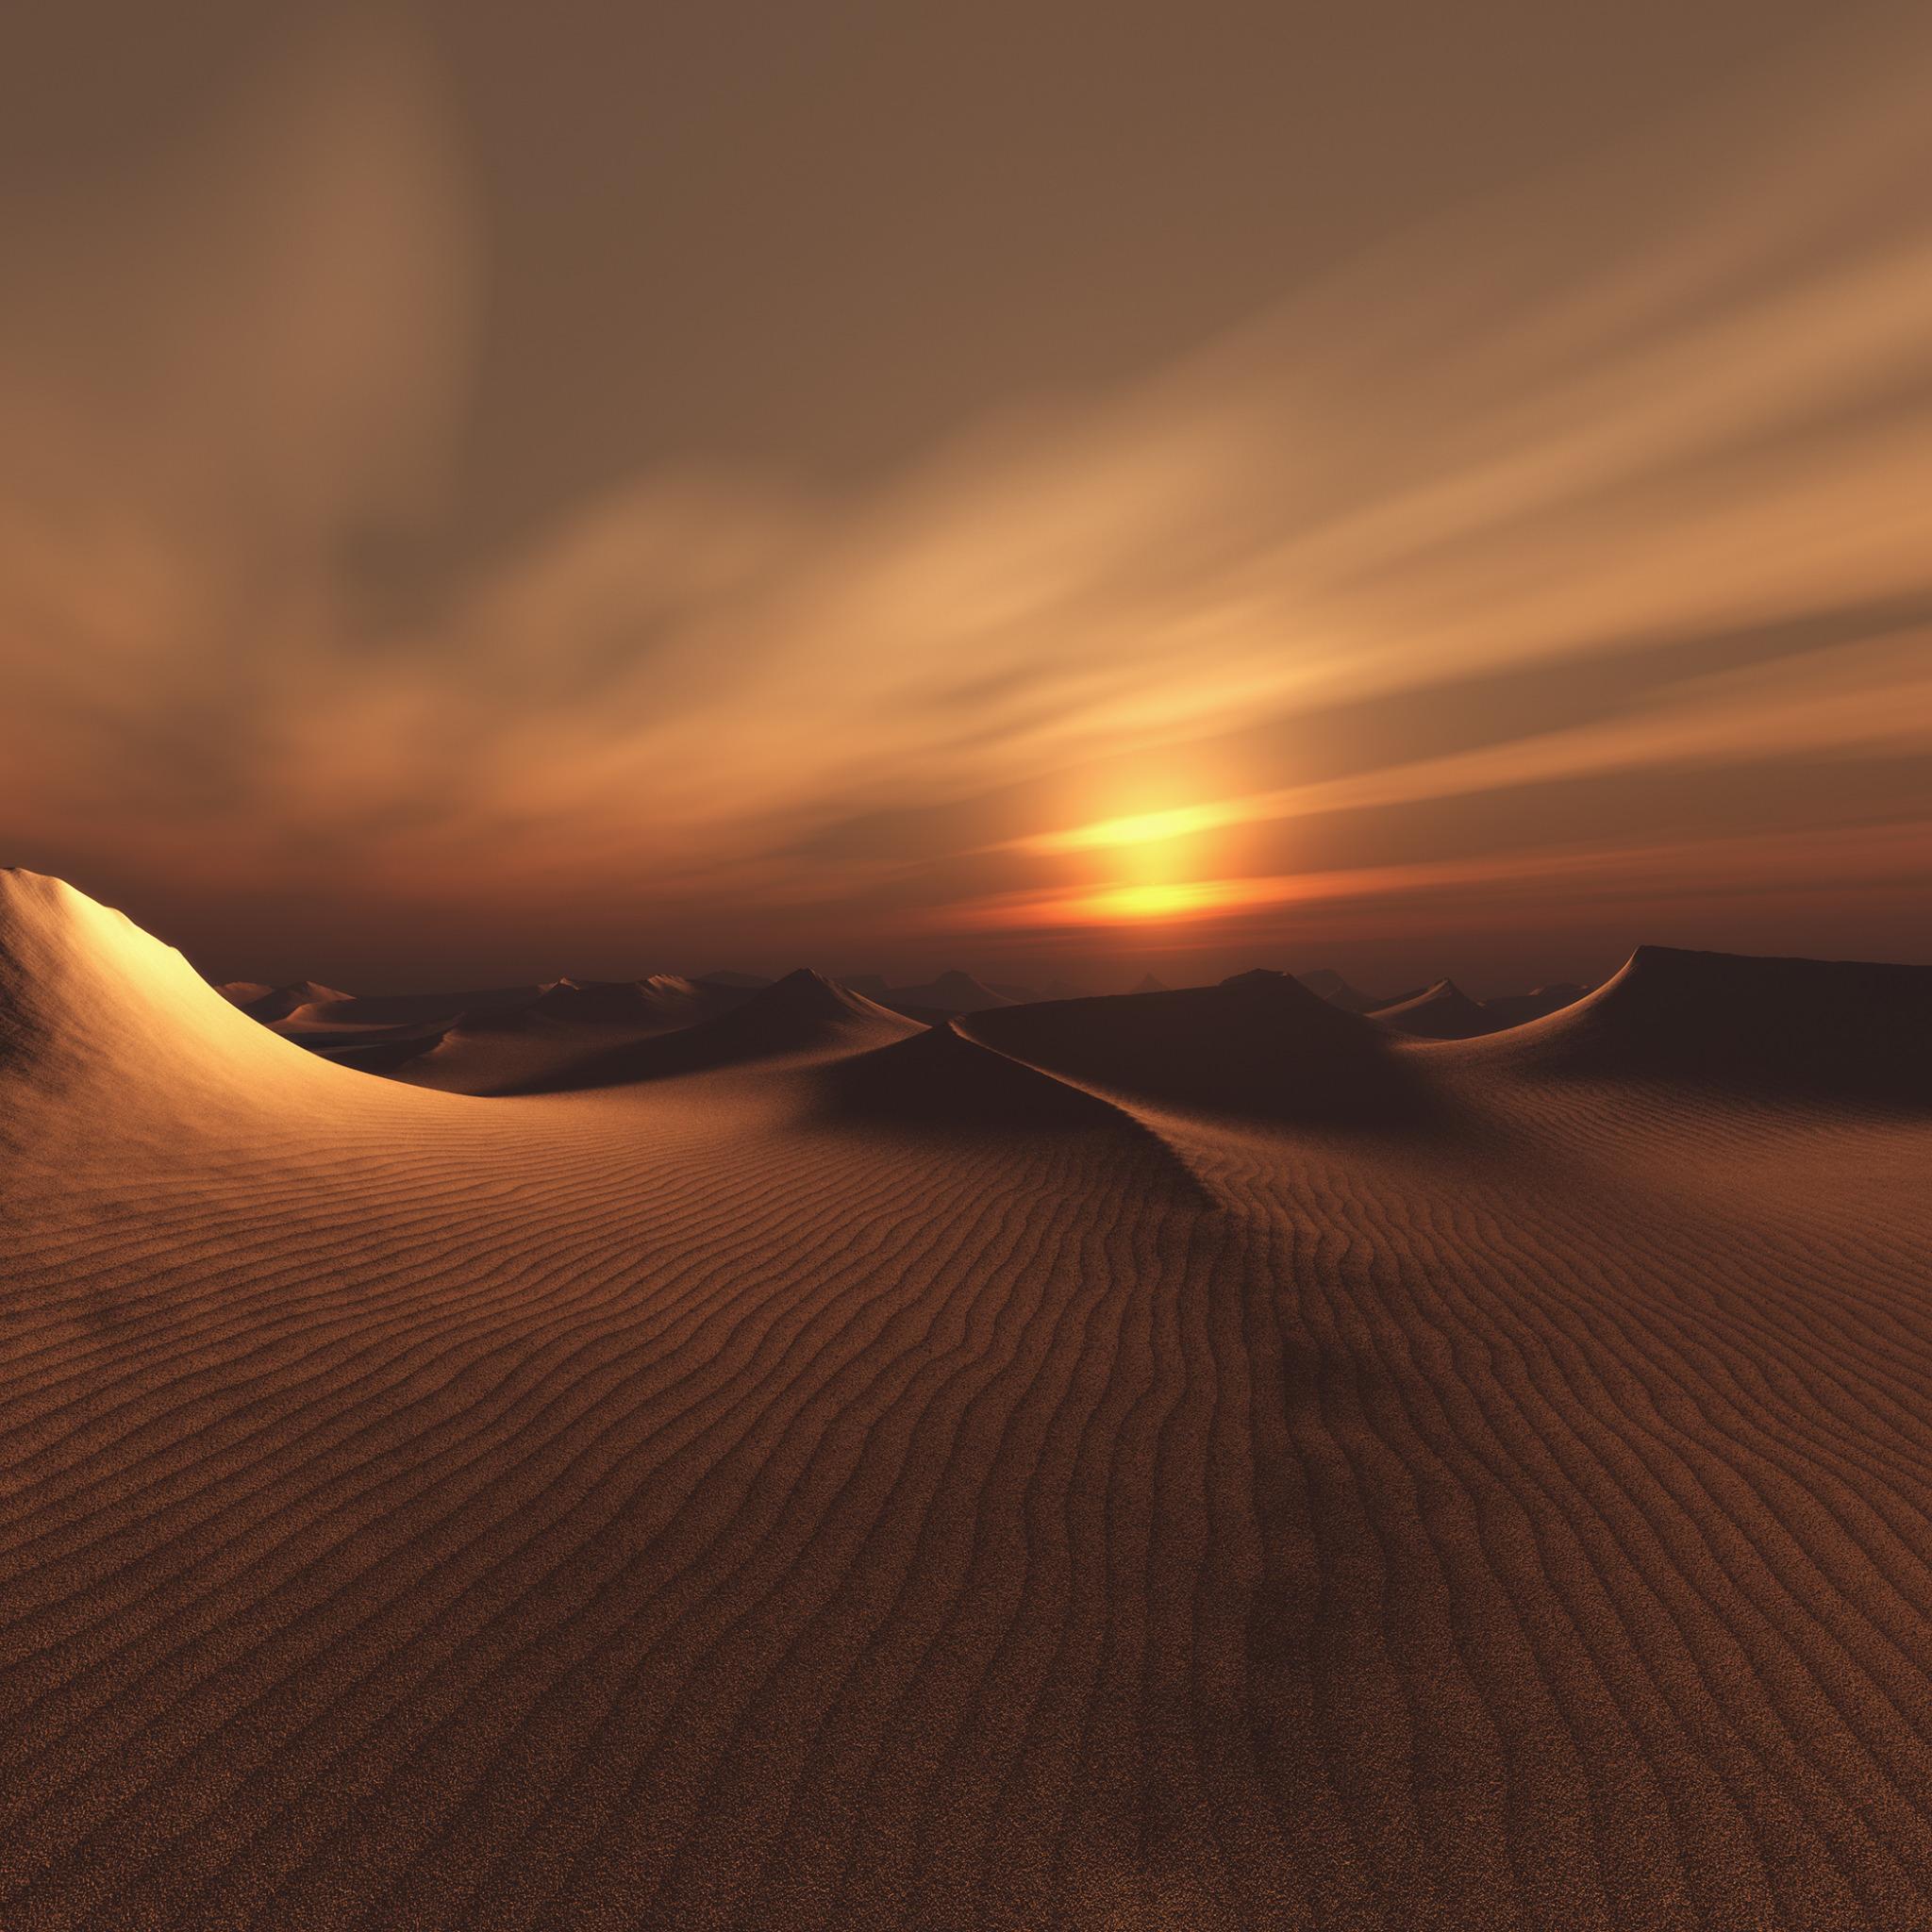 нее картинки на аву пустыня и глазами прославил